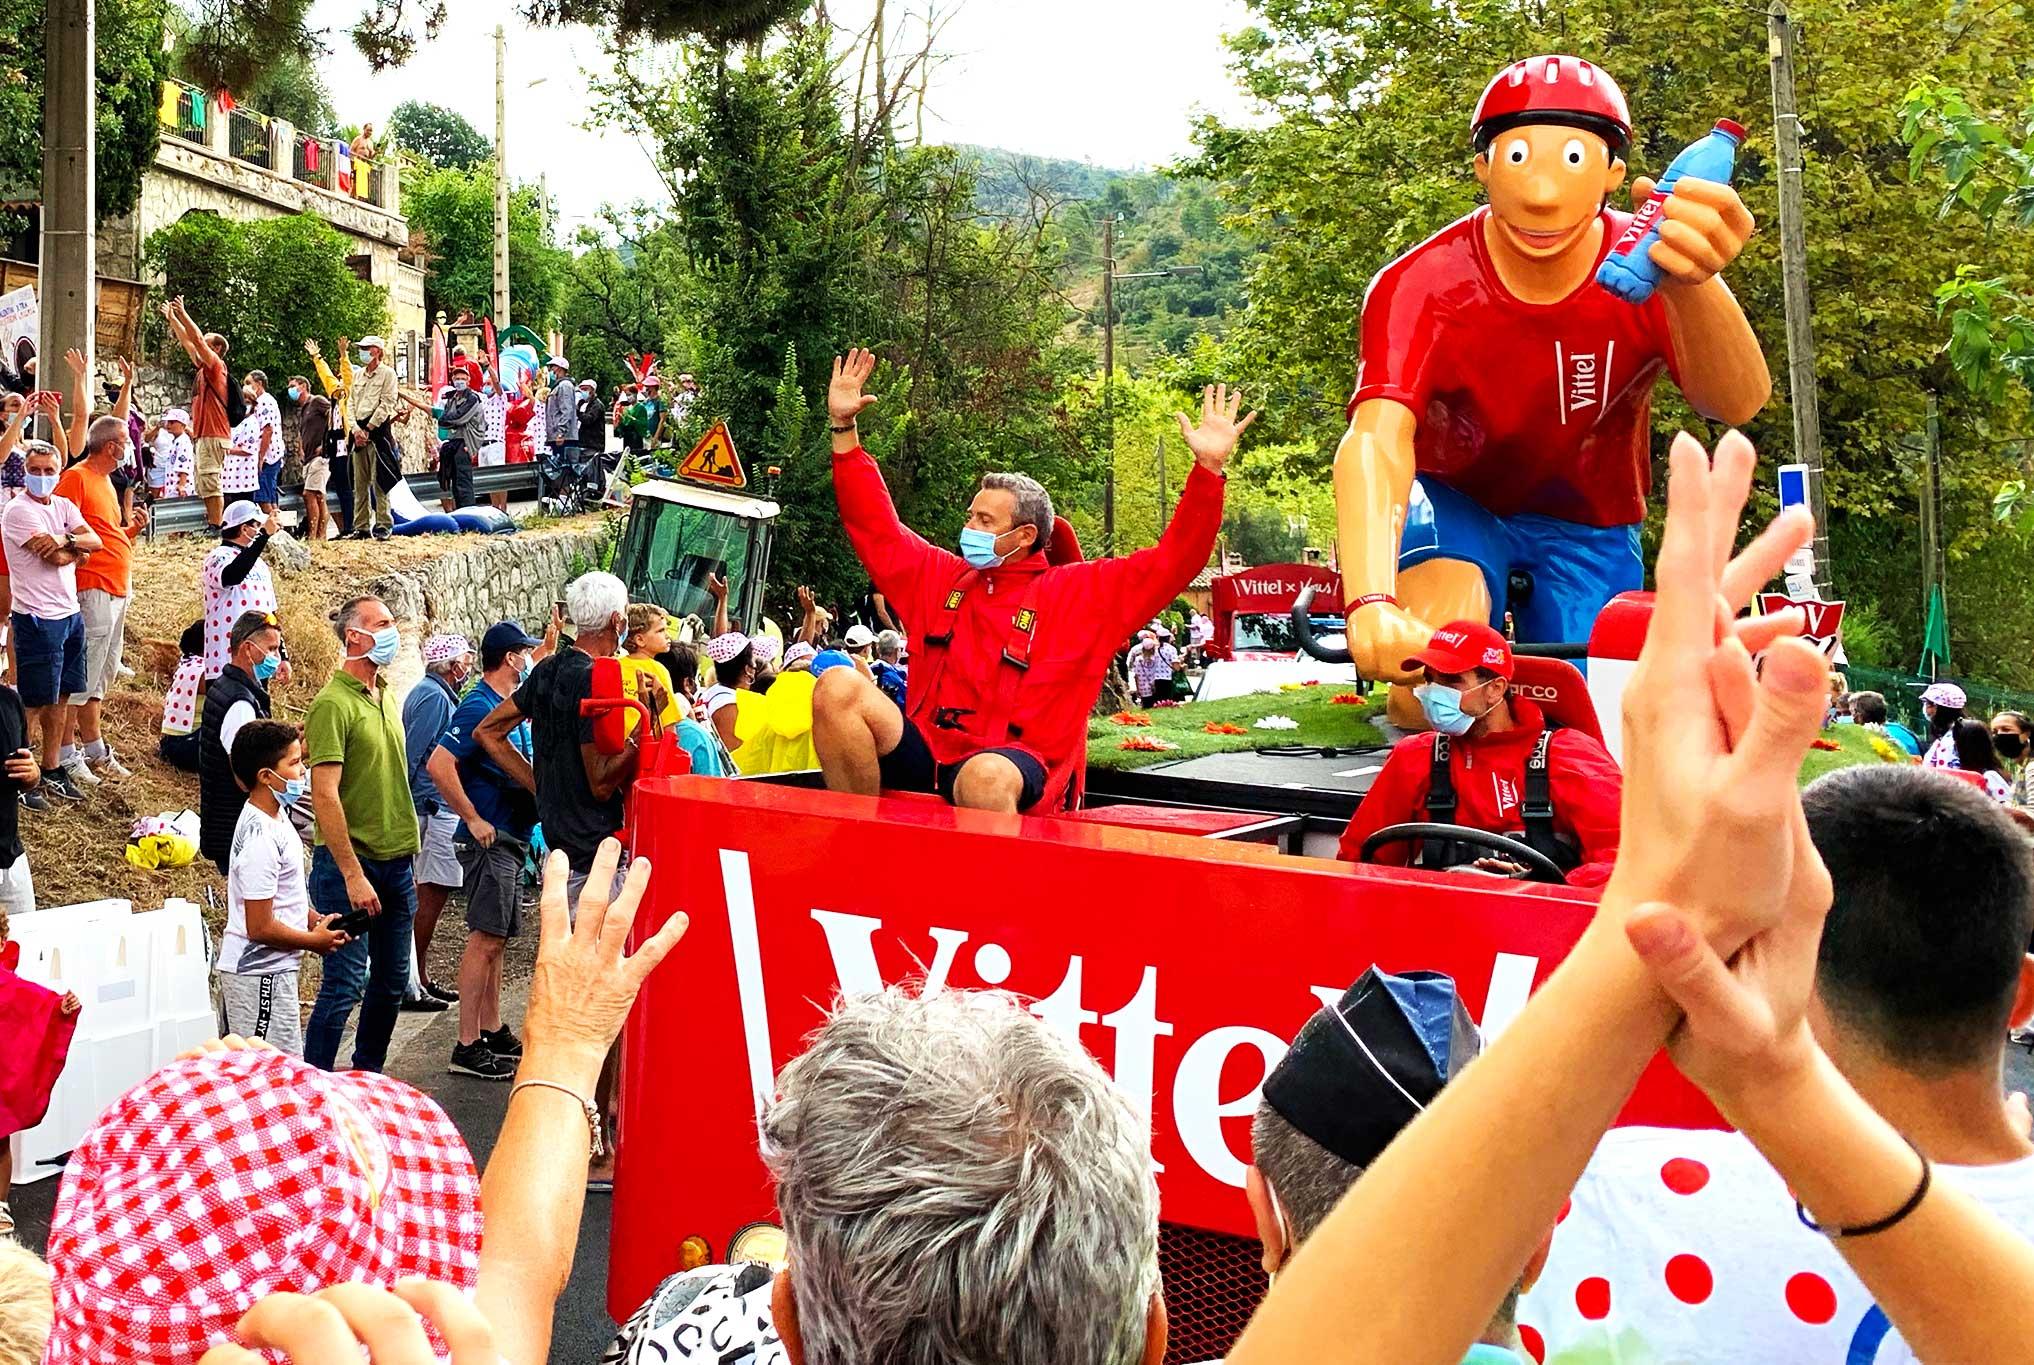 Steve and Carole in Vence - The Tour de France Caravan